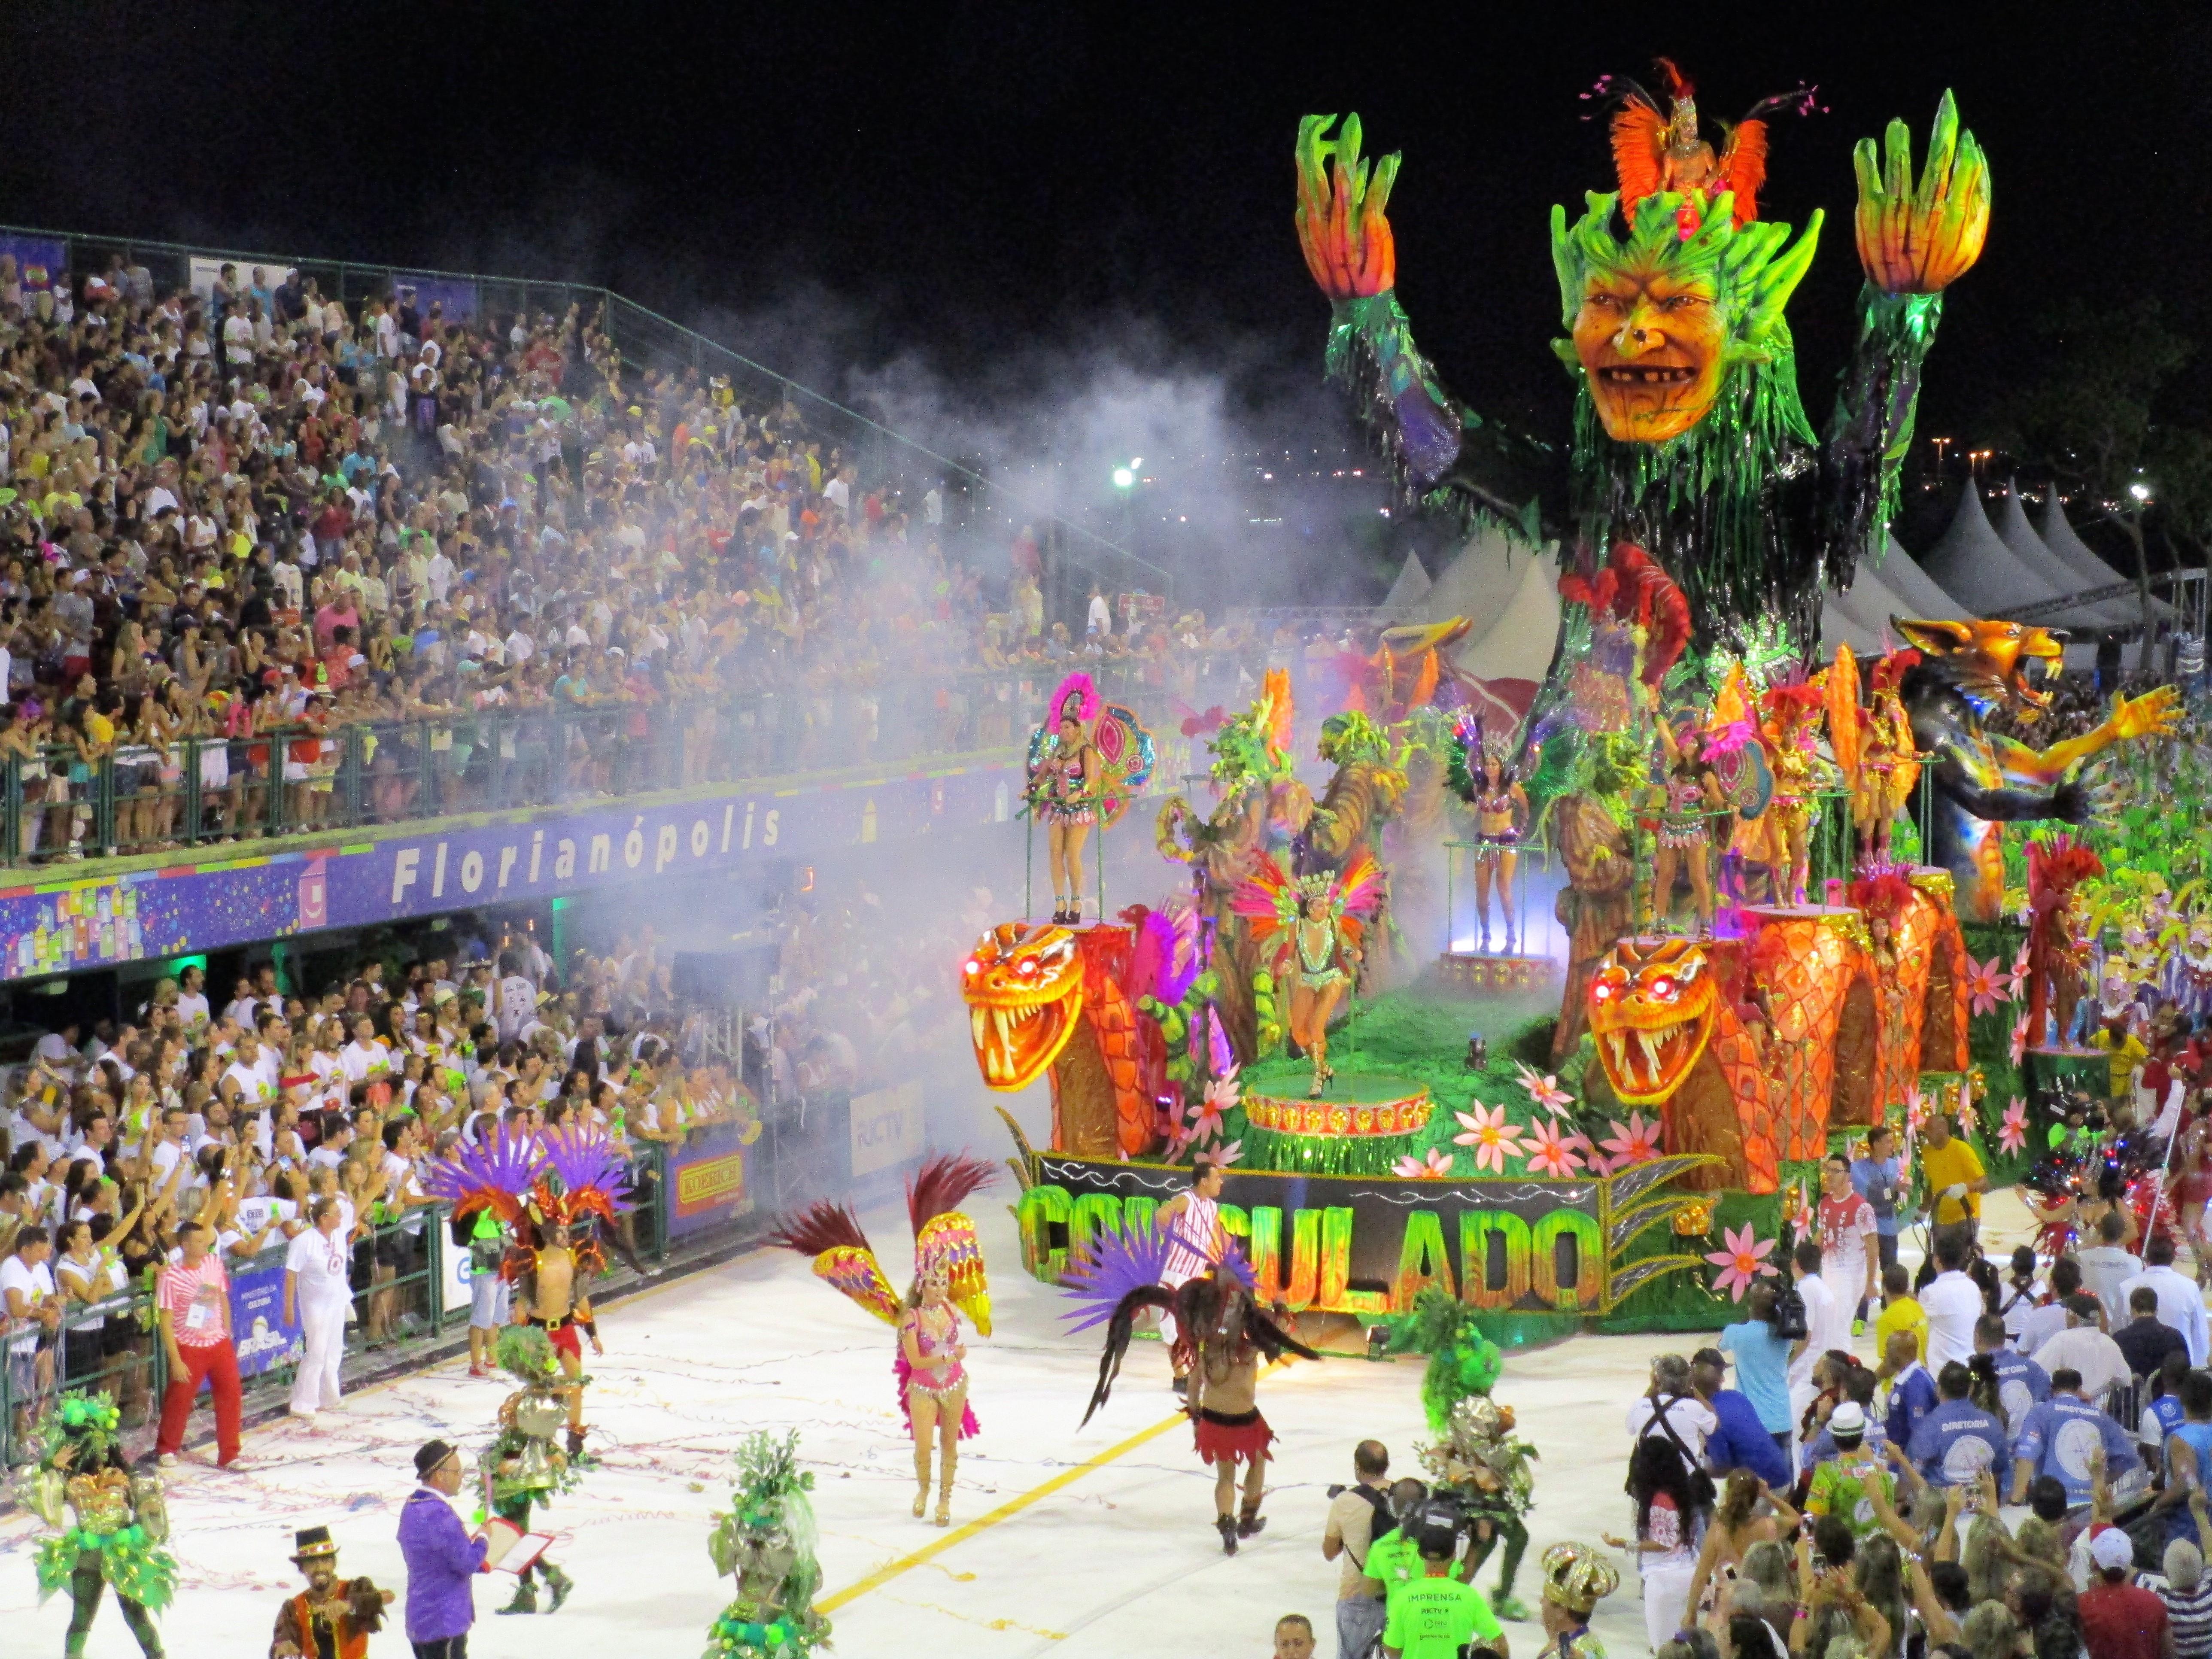 Detalhe de um dos desfiles do Carnaval de 2017 na Nego Quirido - Carlos Damião